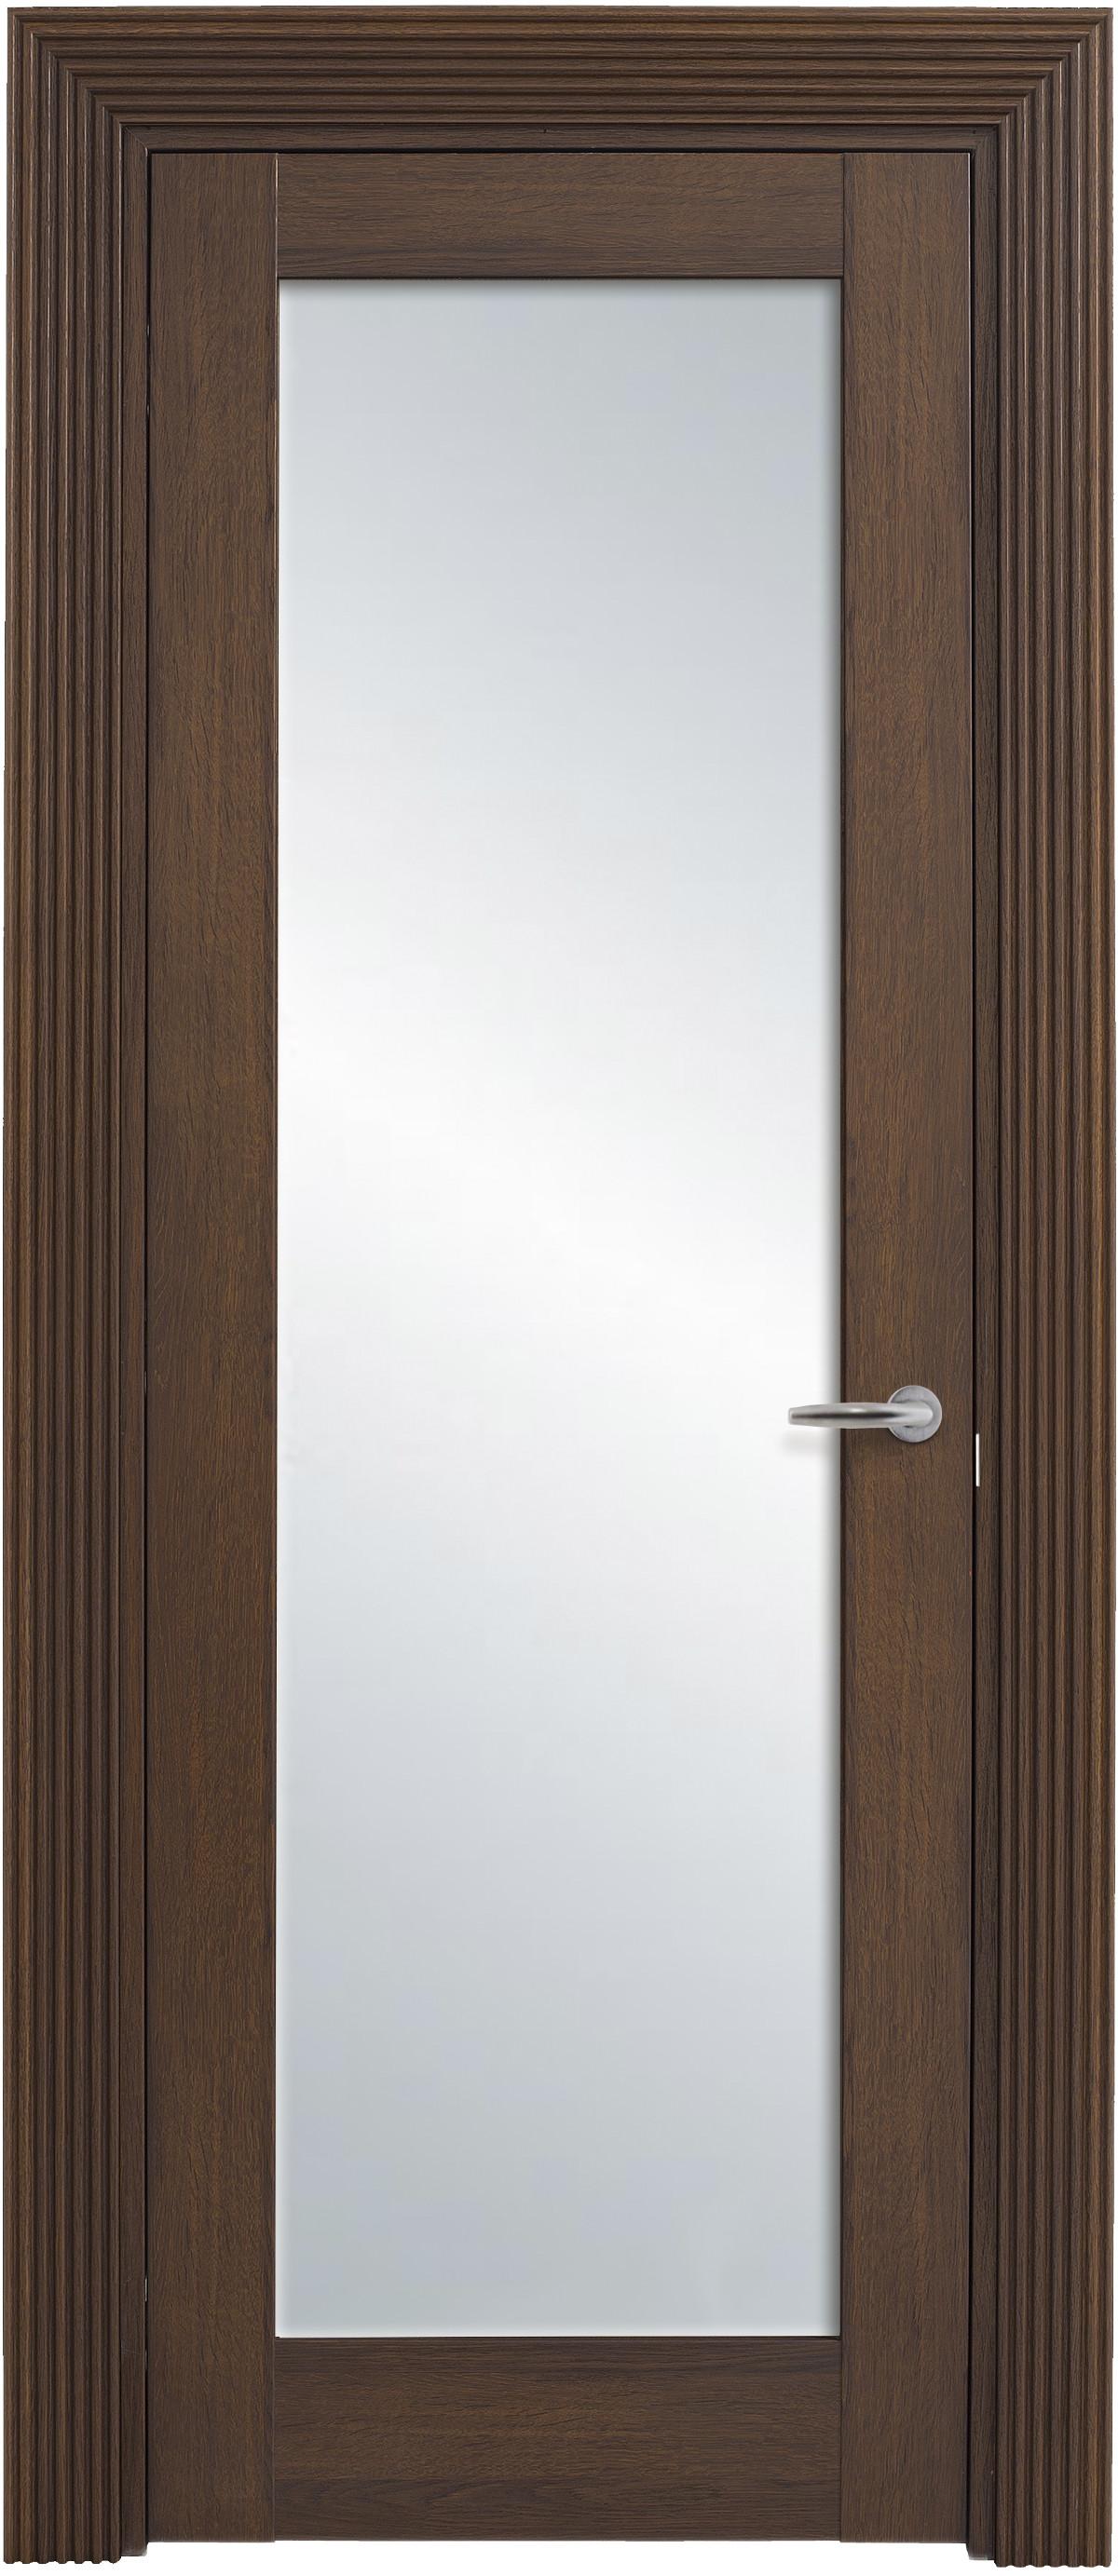 Классические межкомнатные двери со стеклом Solo Classic 1S, греческий орех